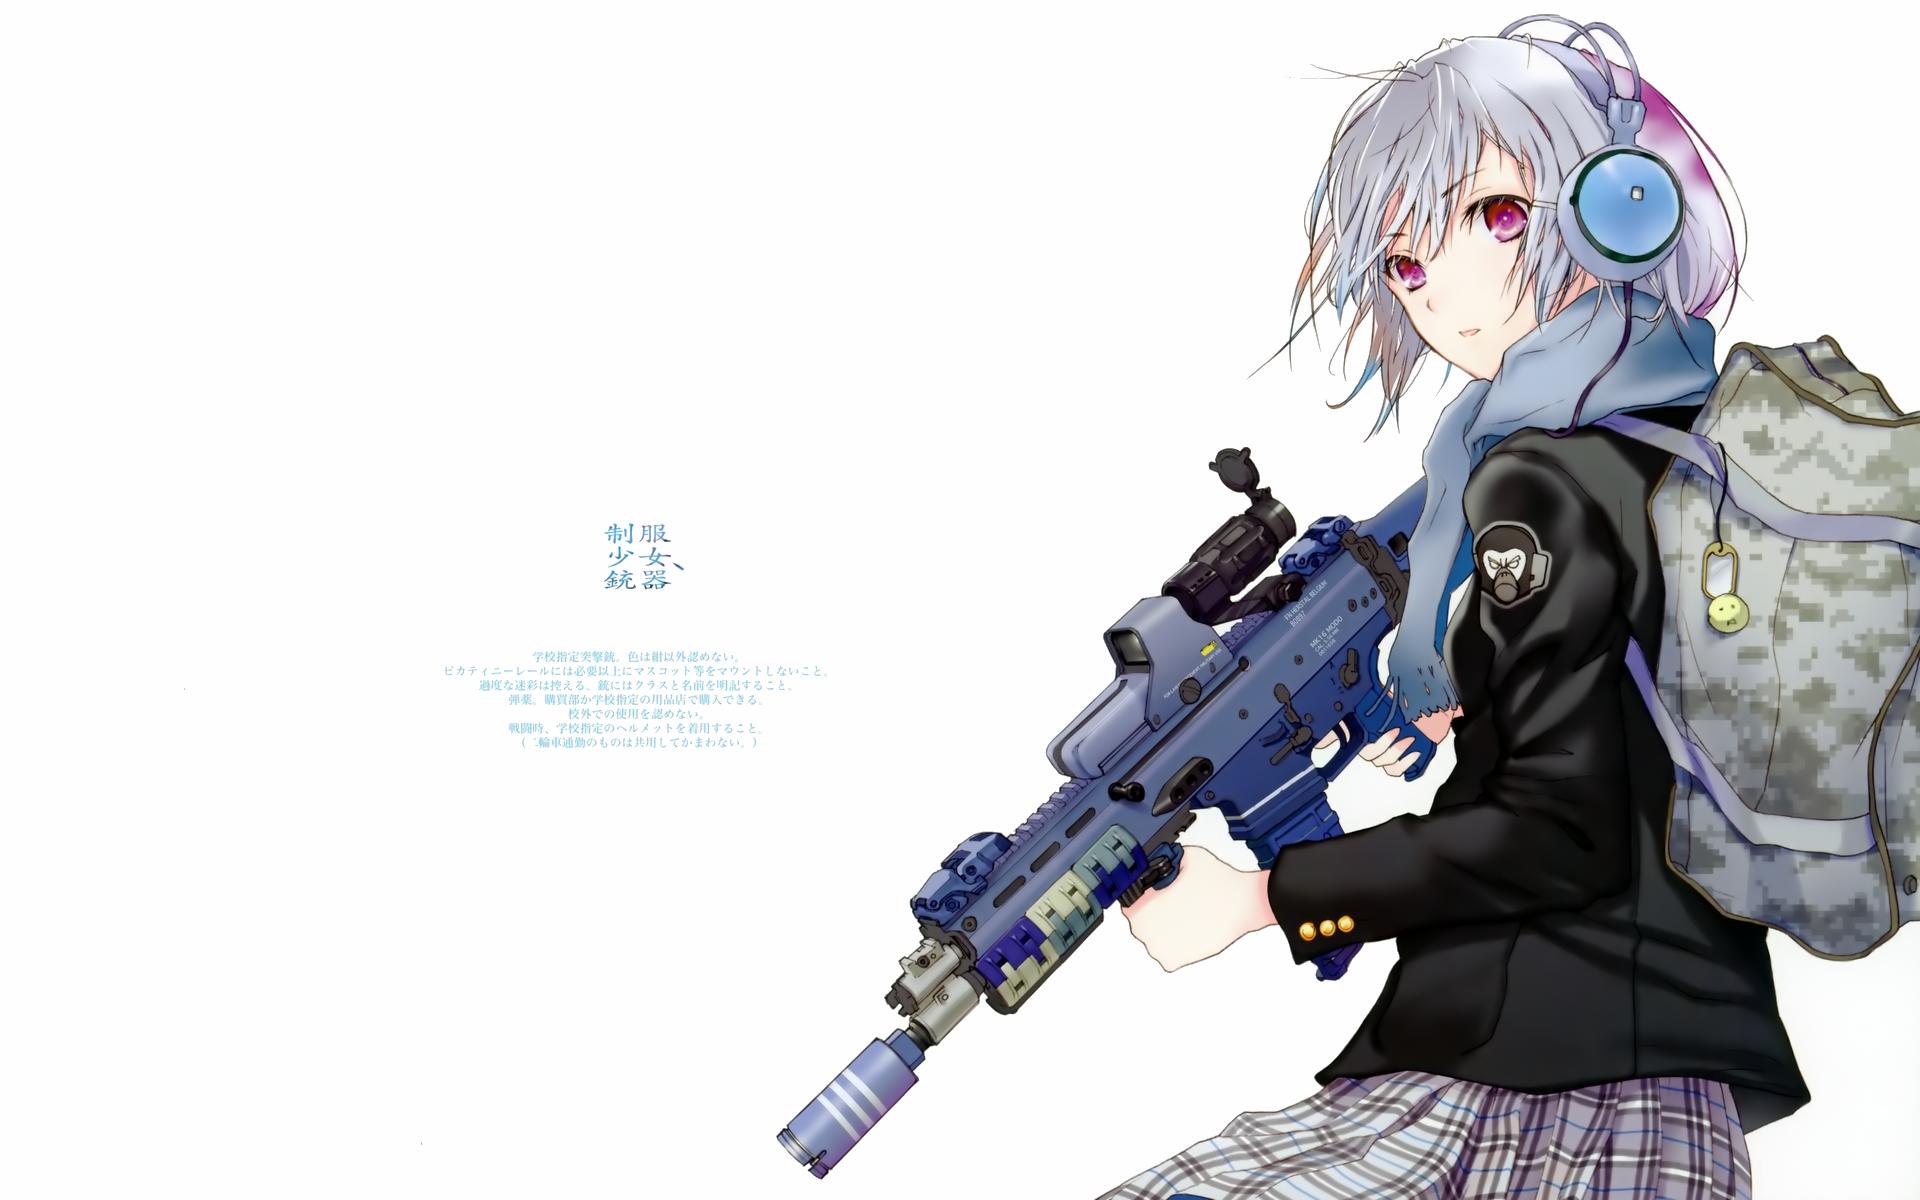 fuyuno_haruaki gun headphones original weapon white